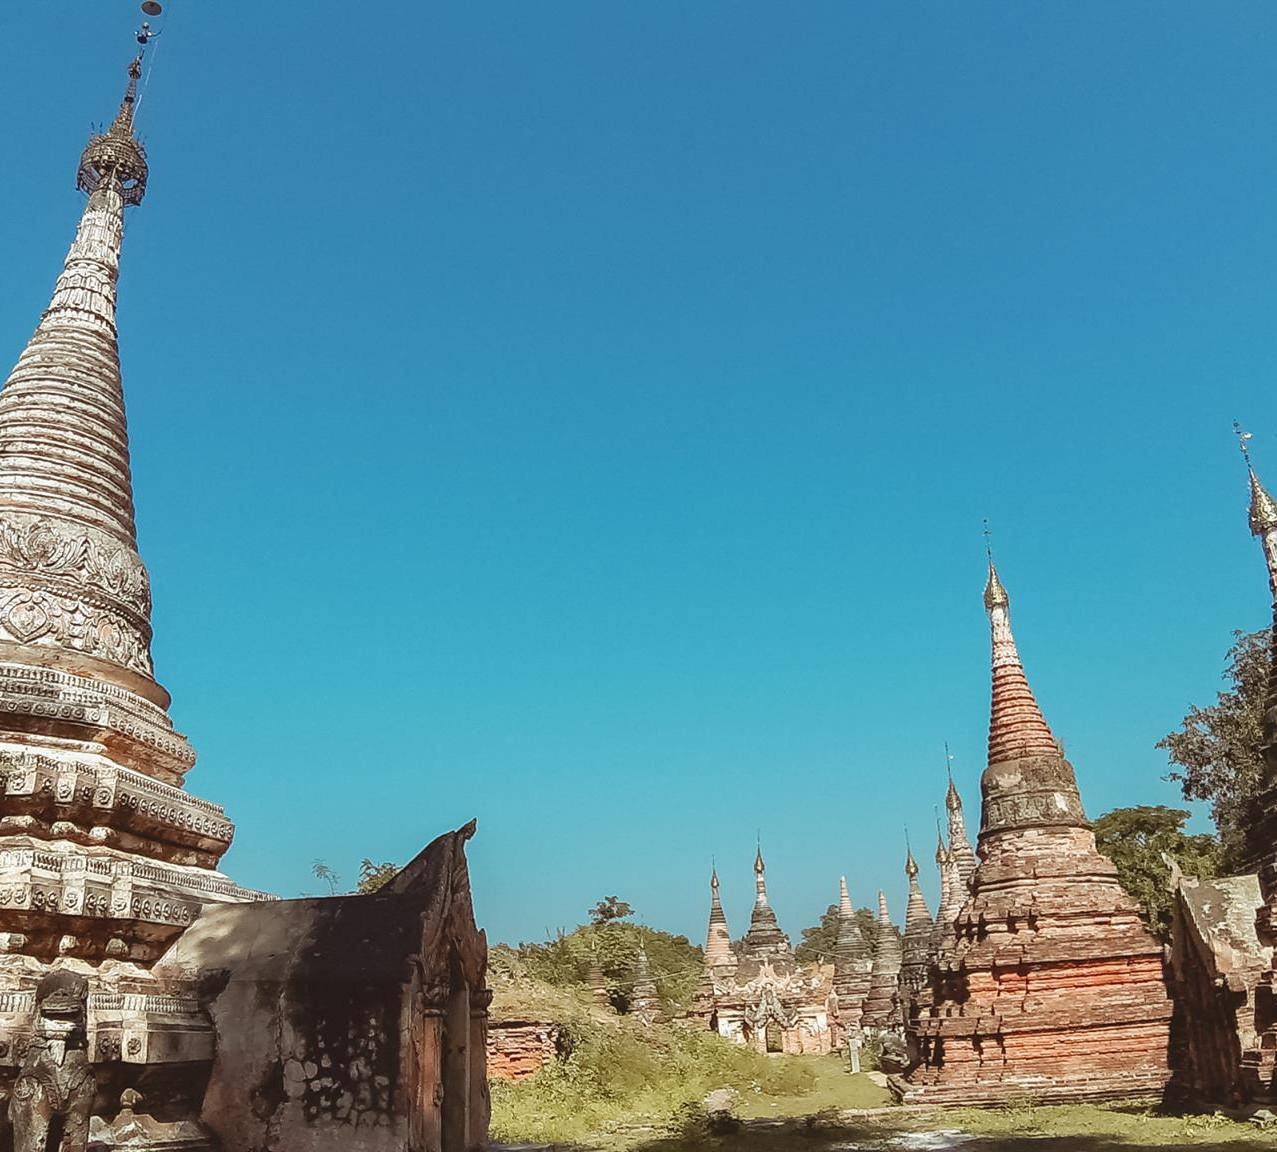 Some Ancient Pagodas